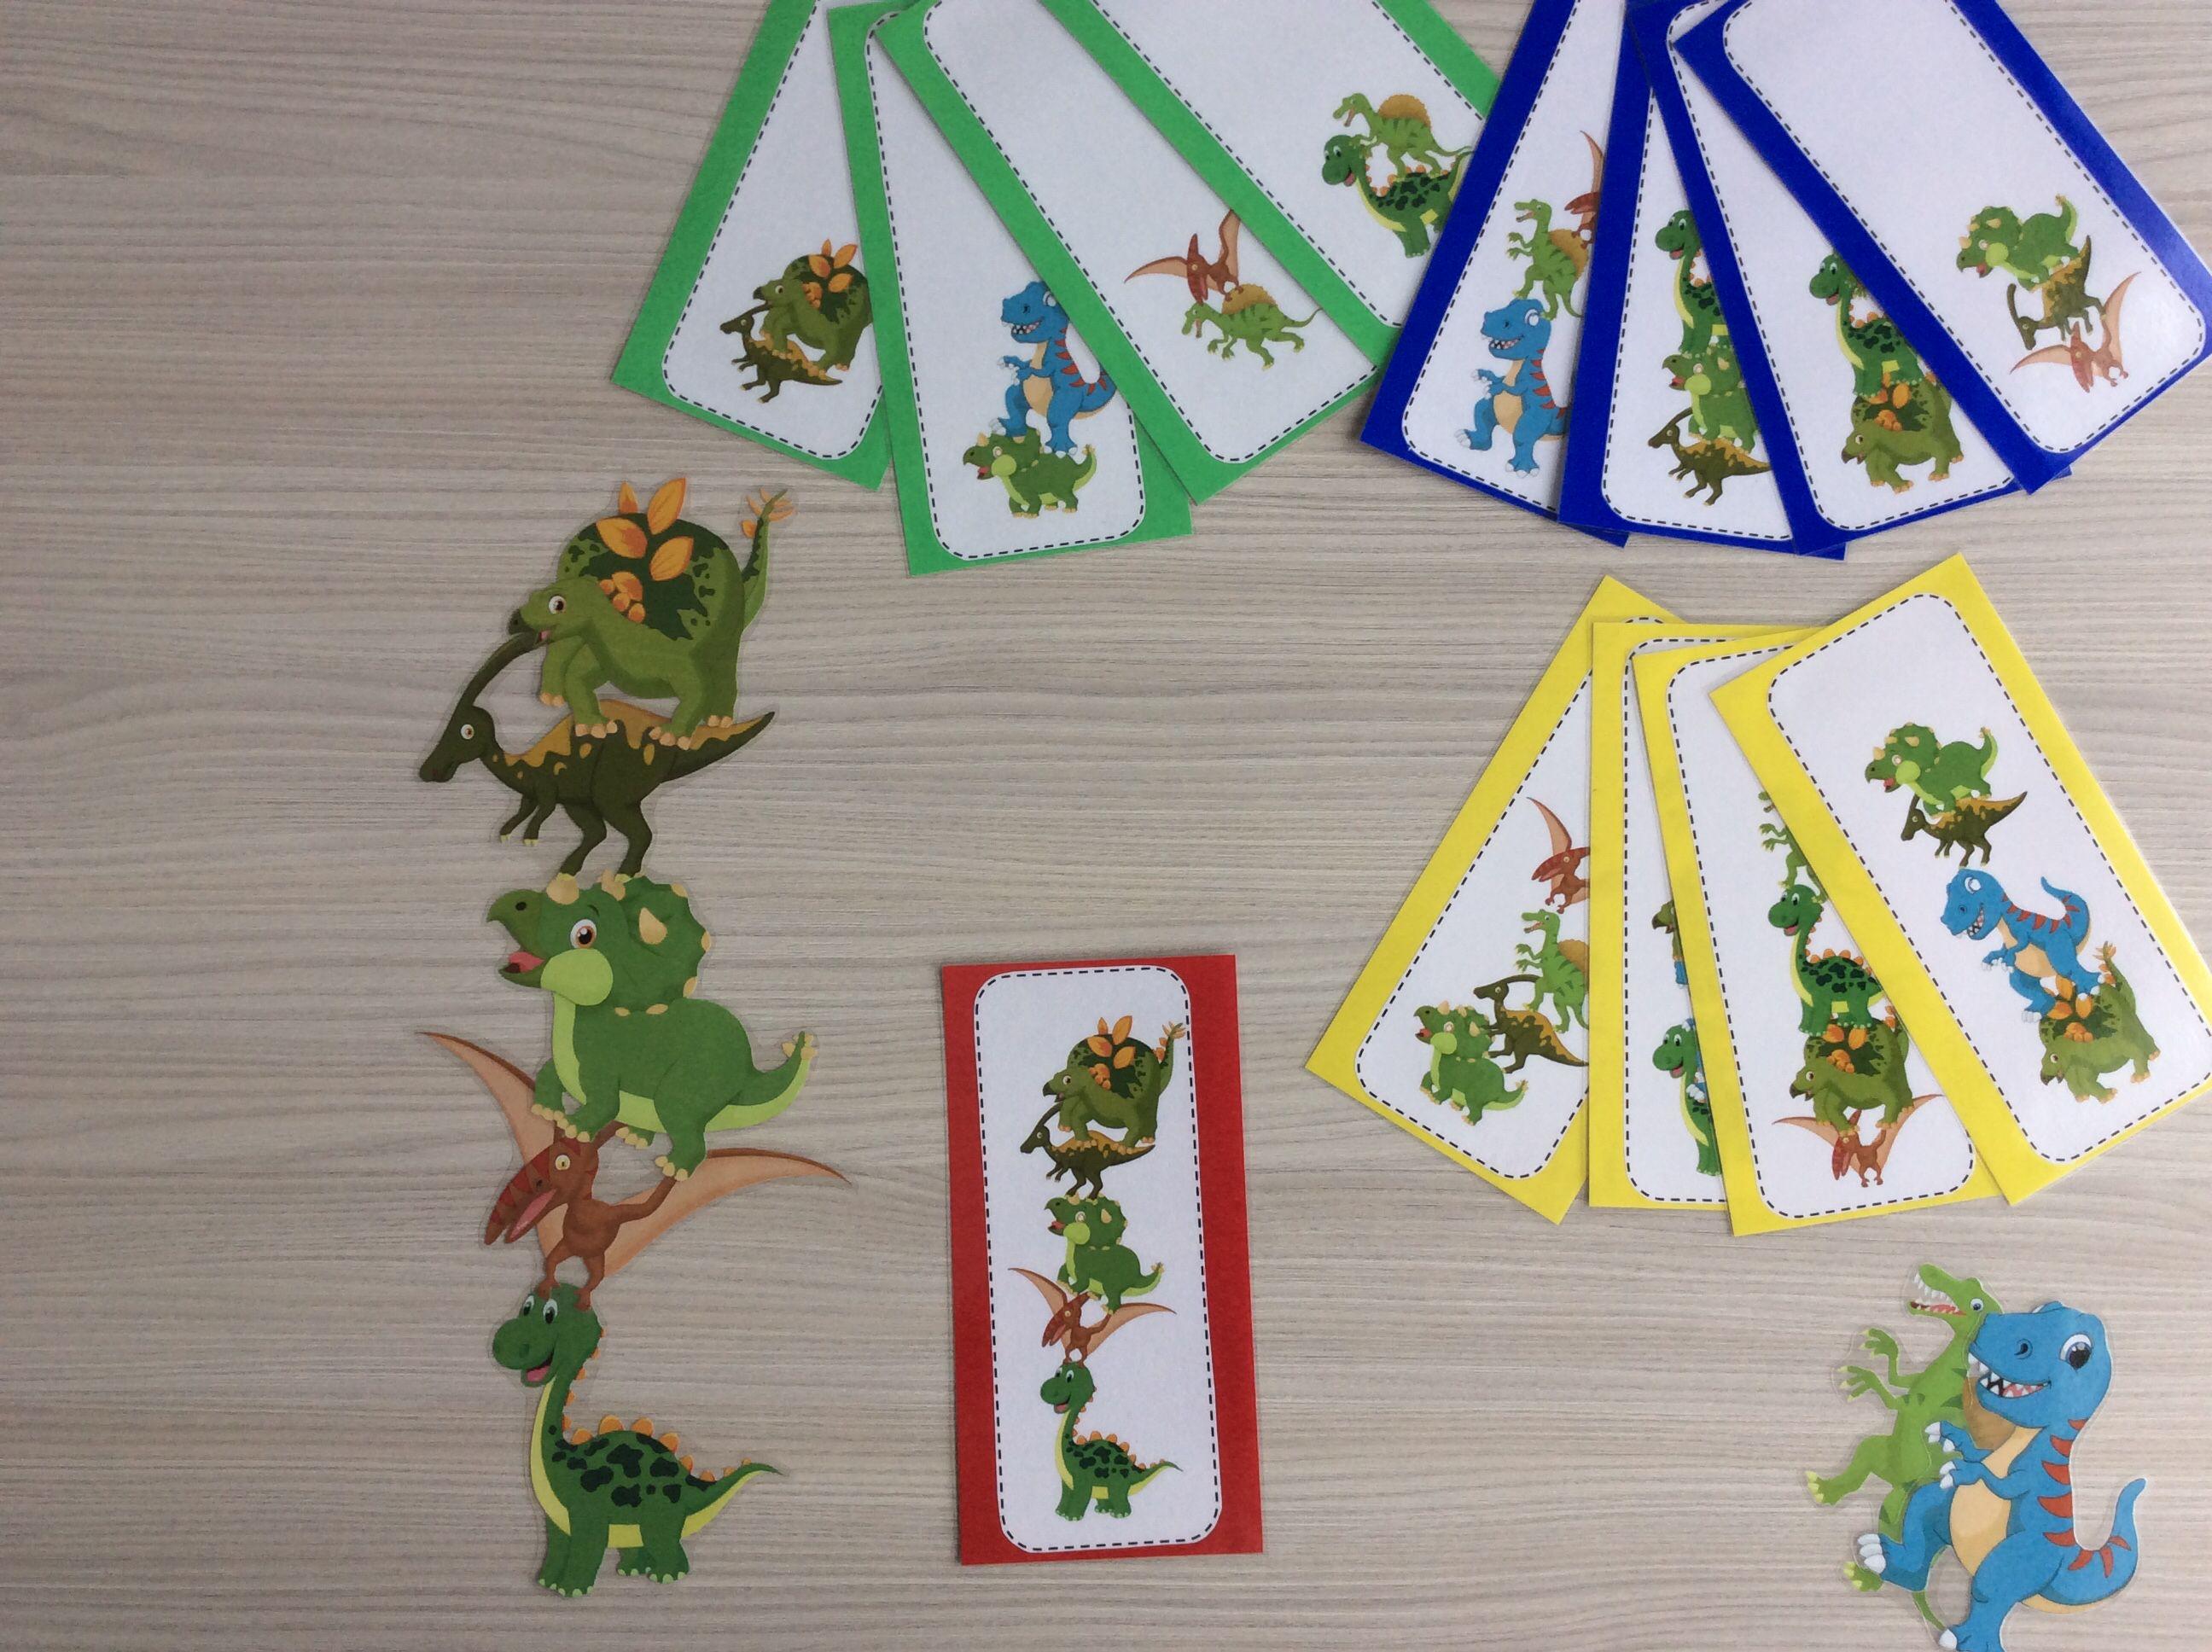 Stapeldino's met opdrachtkaarten in 4 verschillende niveaus volgens het aantal dinosaurussen. *liestr*